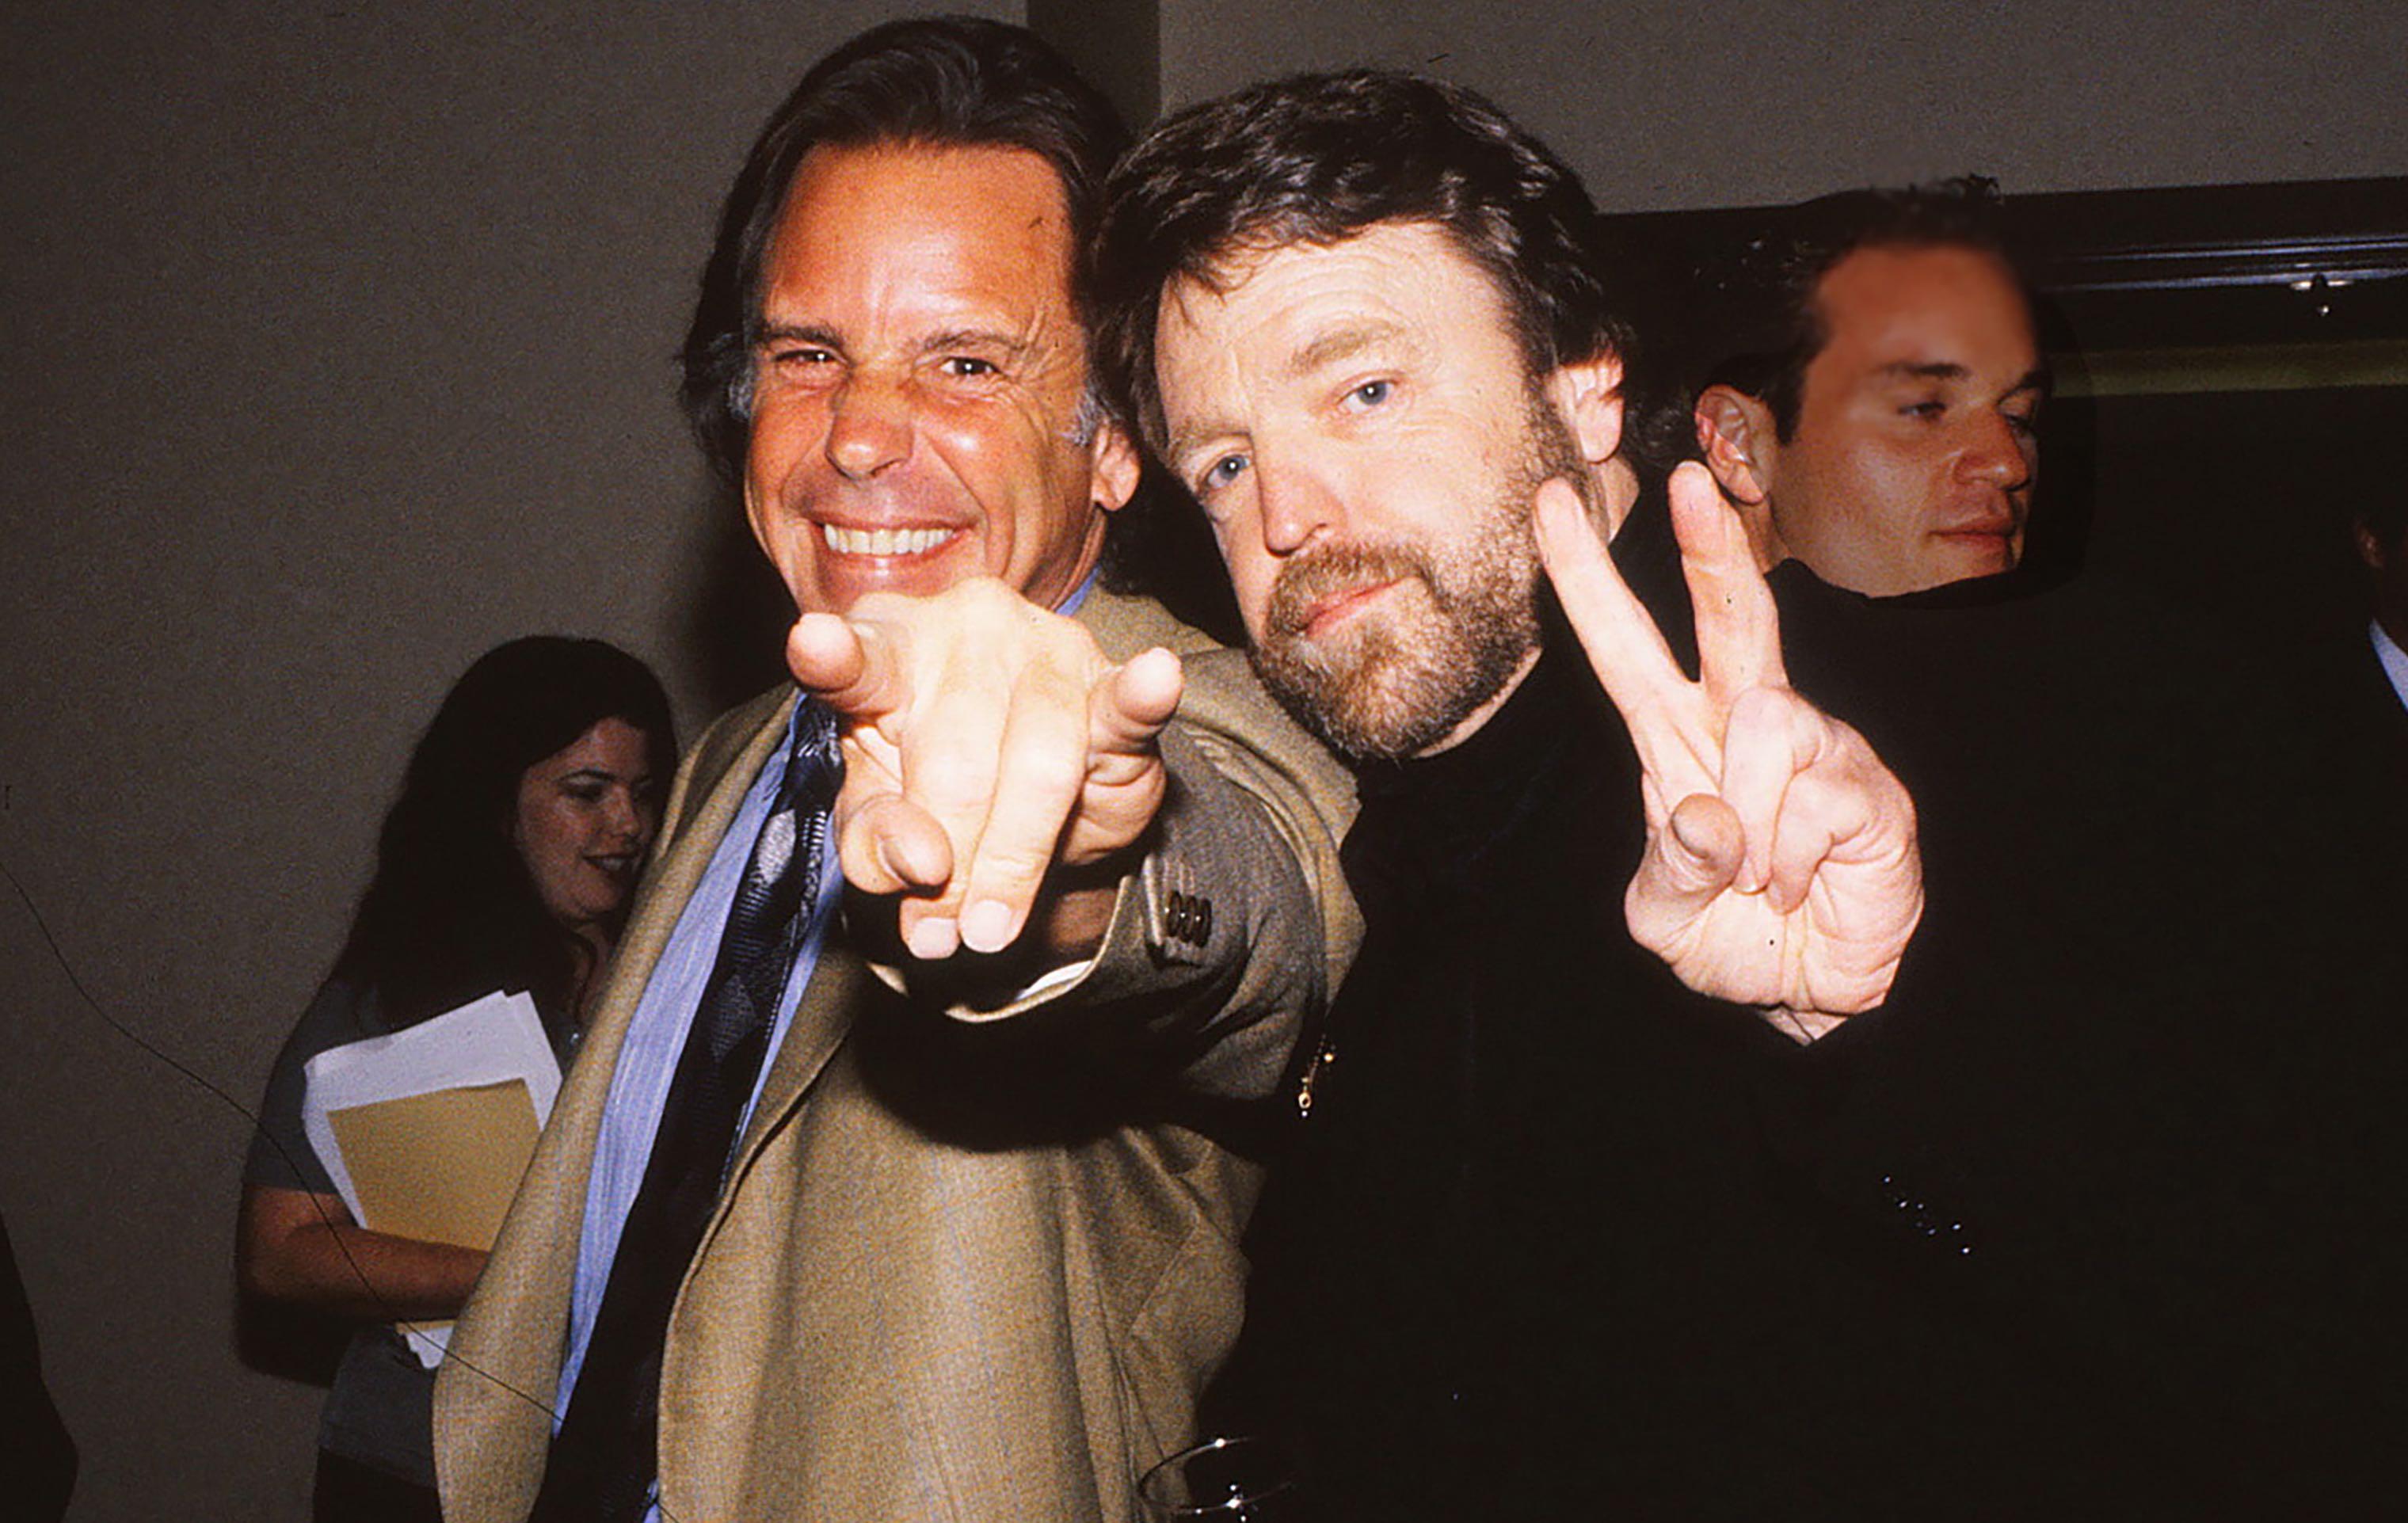 Geniale Songwriting-Partner für Grateful Dead: Bob Weir und John Perry Barlow